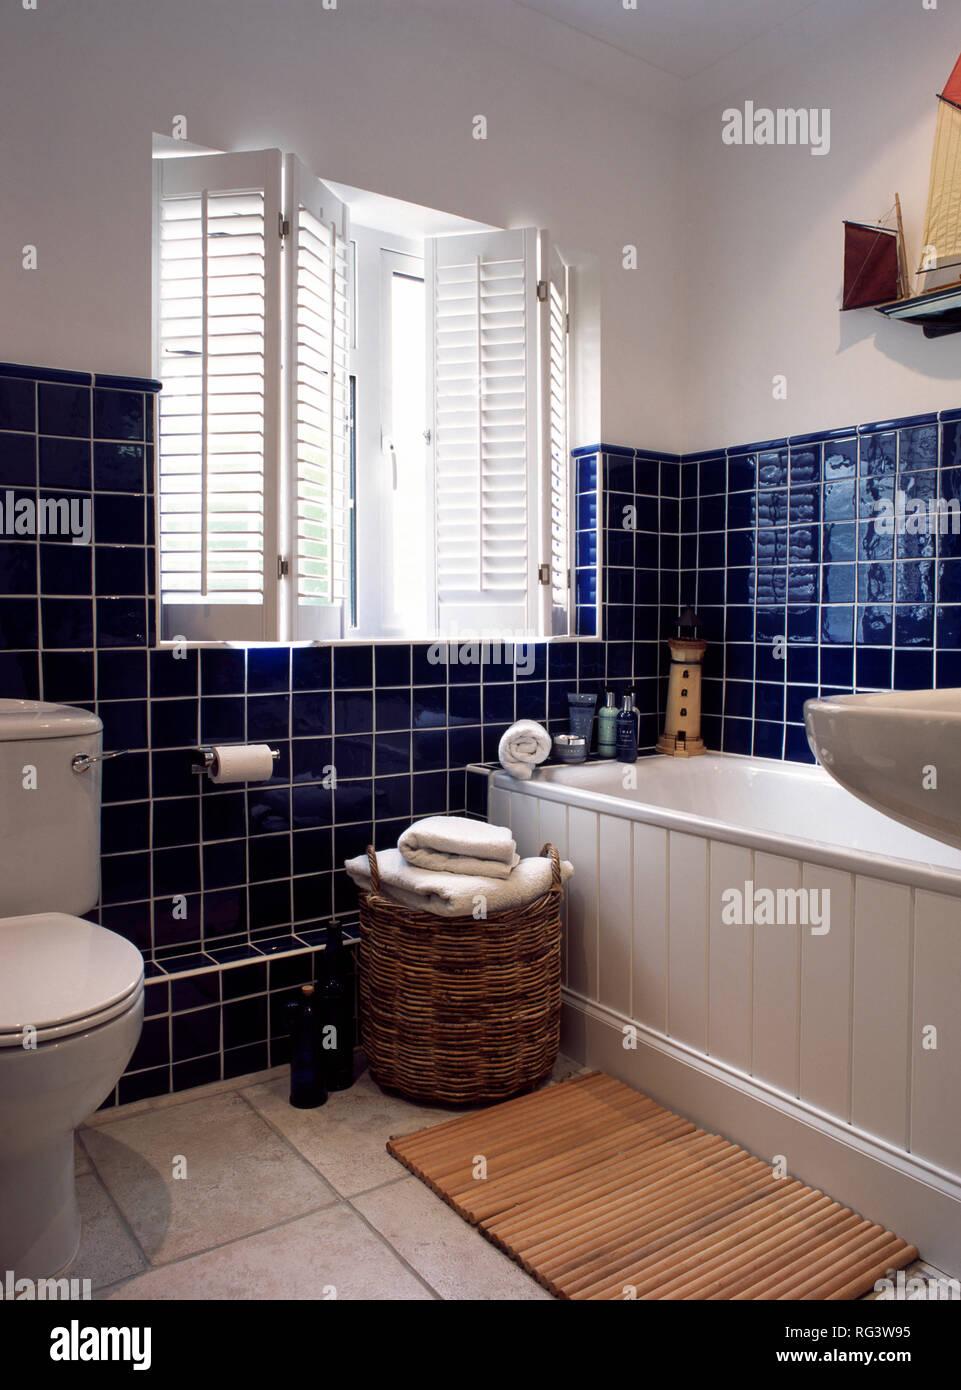 Fensterläden und blauen Fliesen im Badezimmer Stockfoto, Bild ...